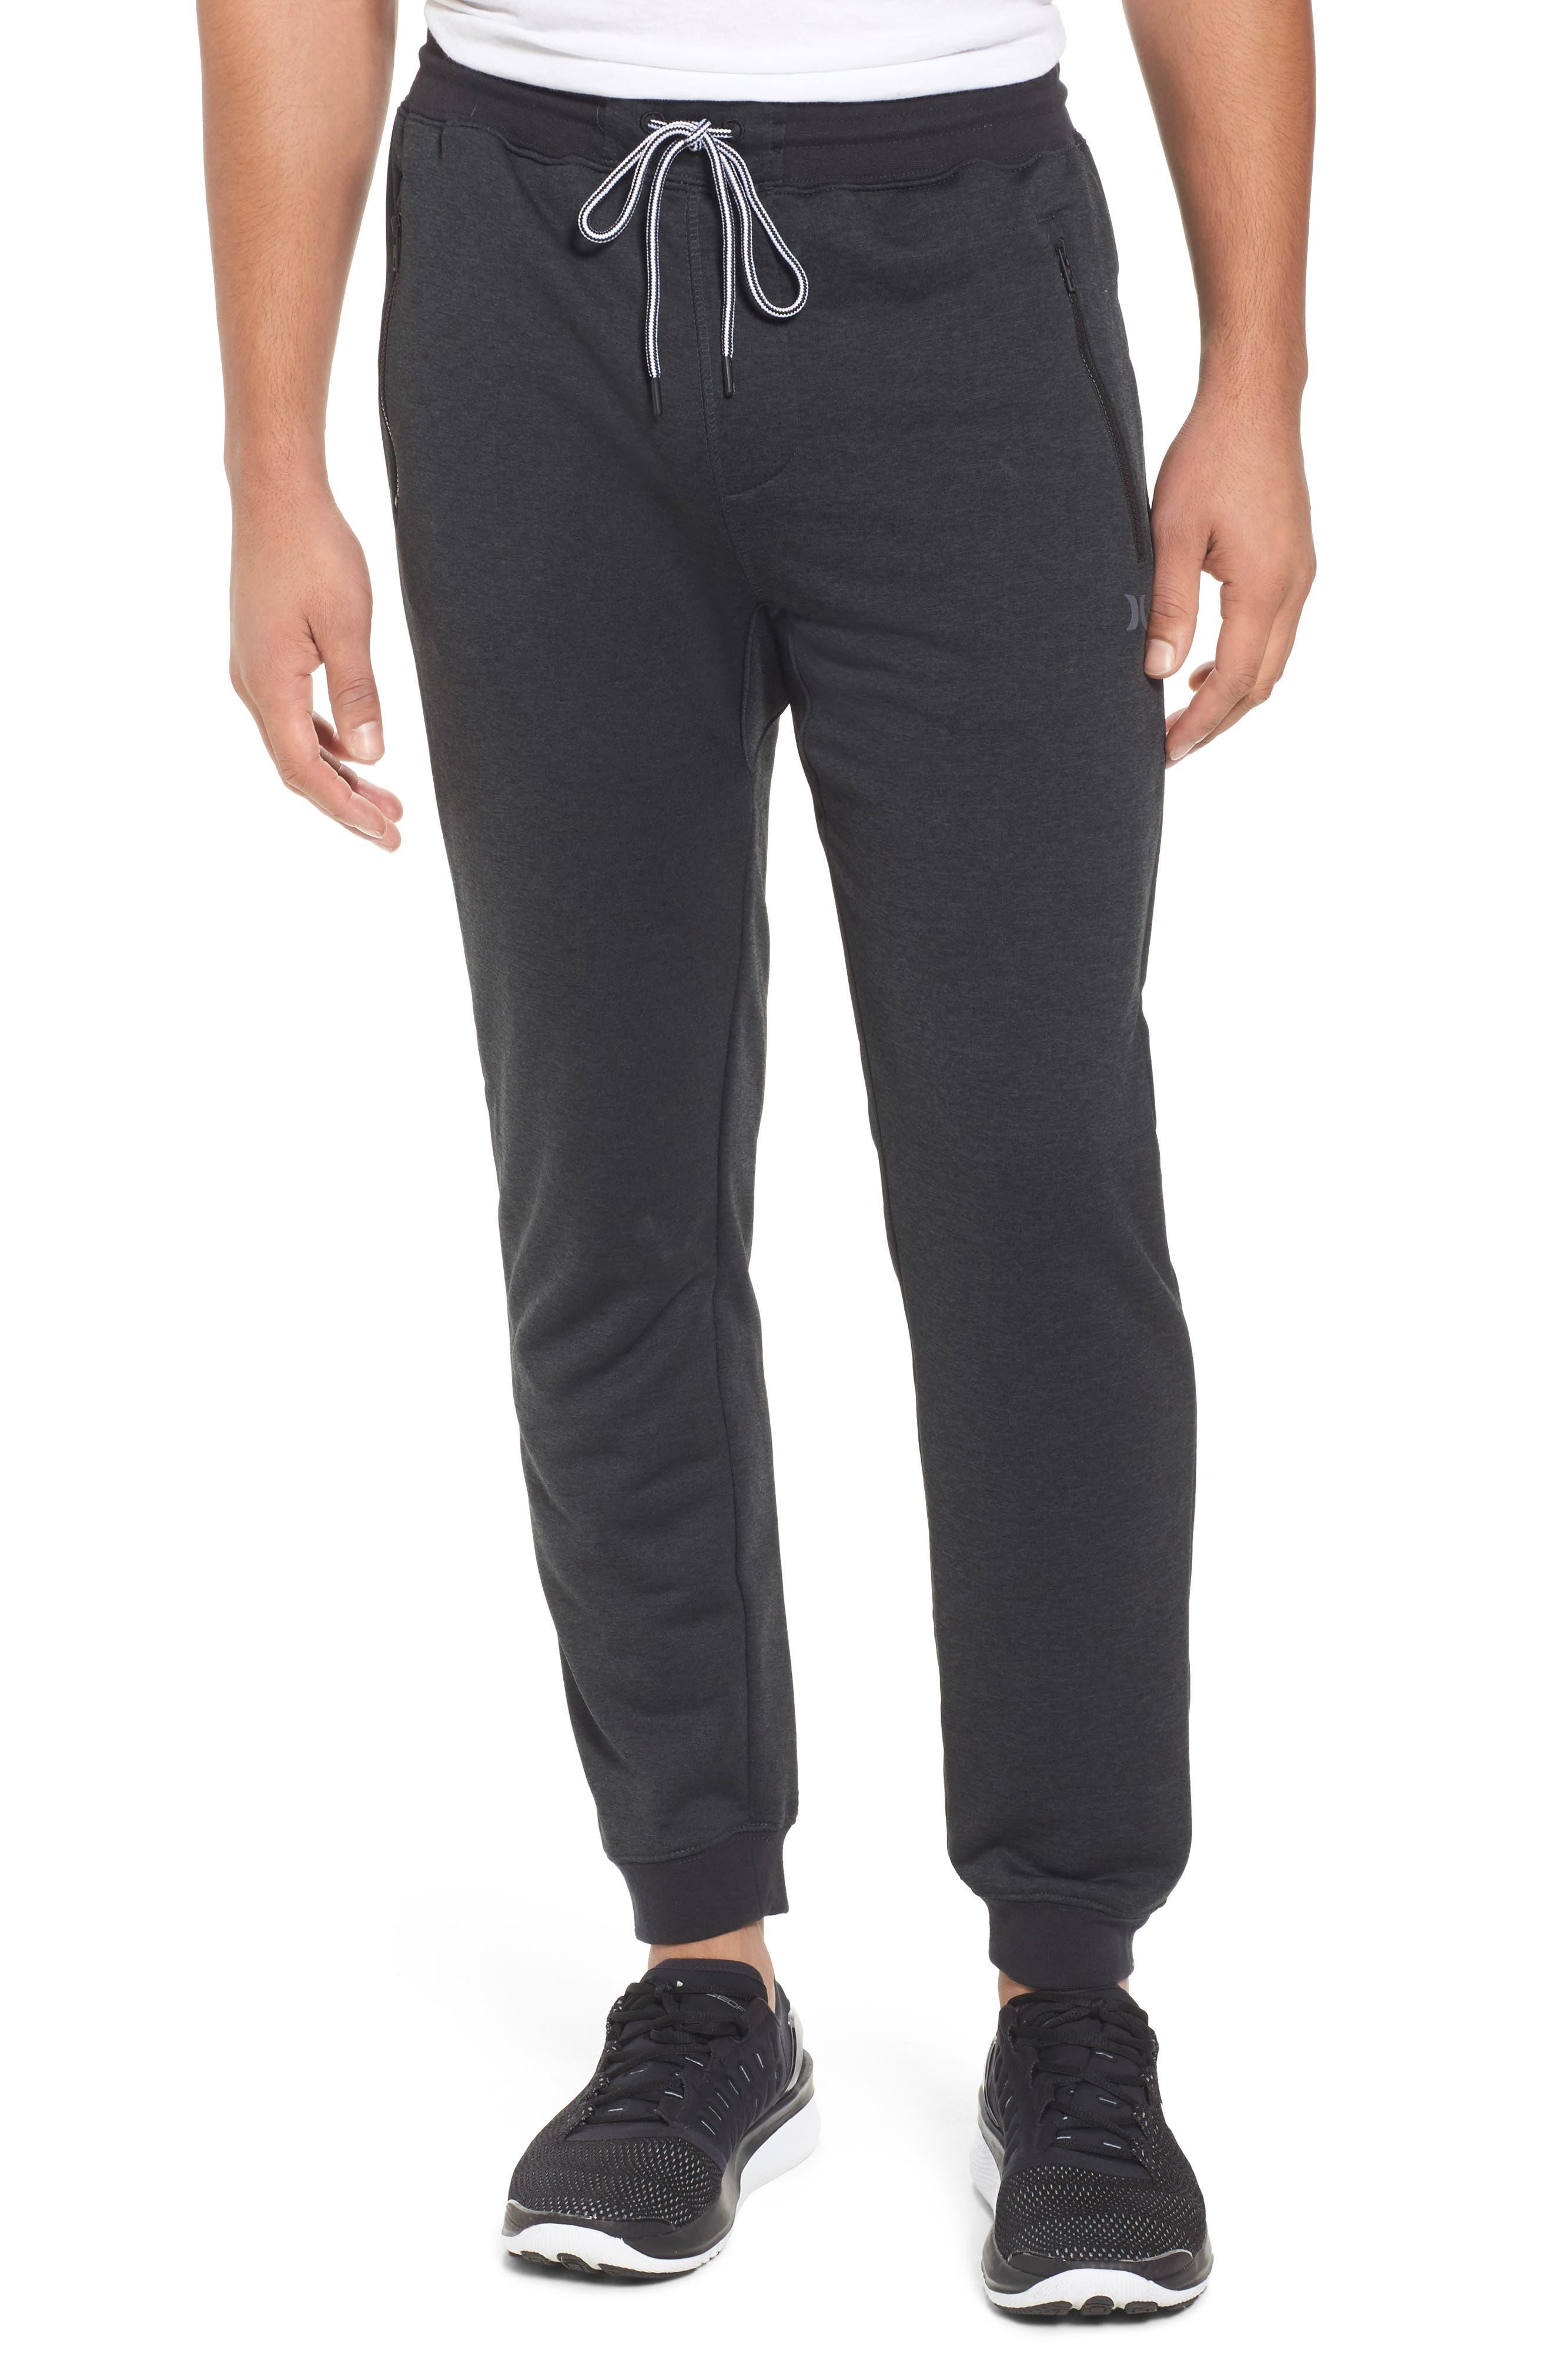 Dri-FIT Disperse Jogger Pants,                         Main,                         color, 010